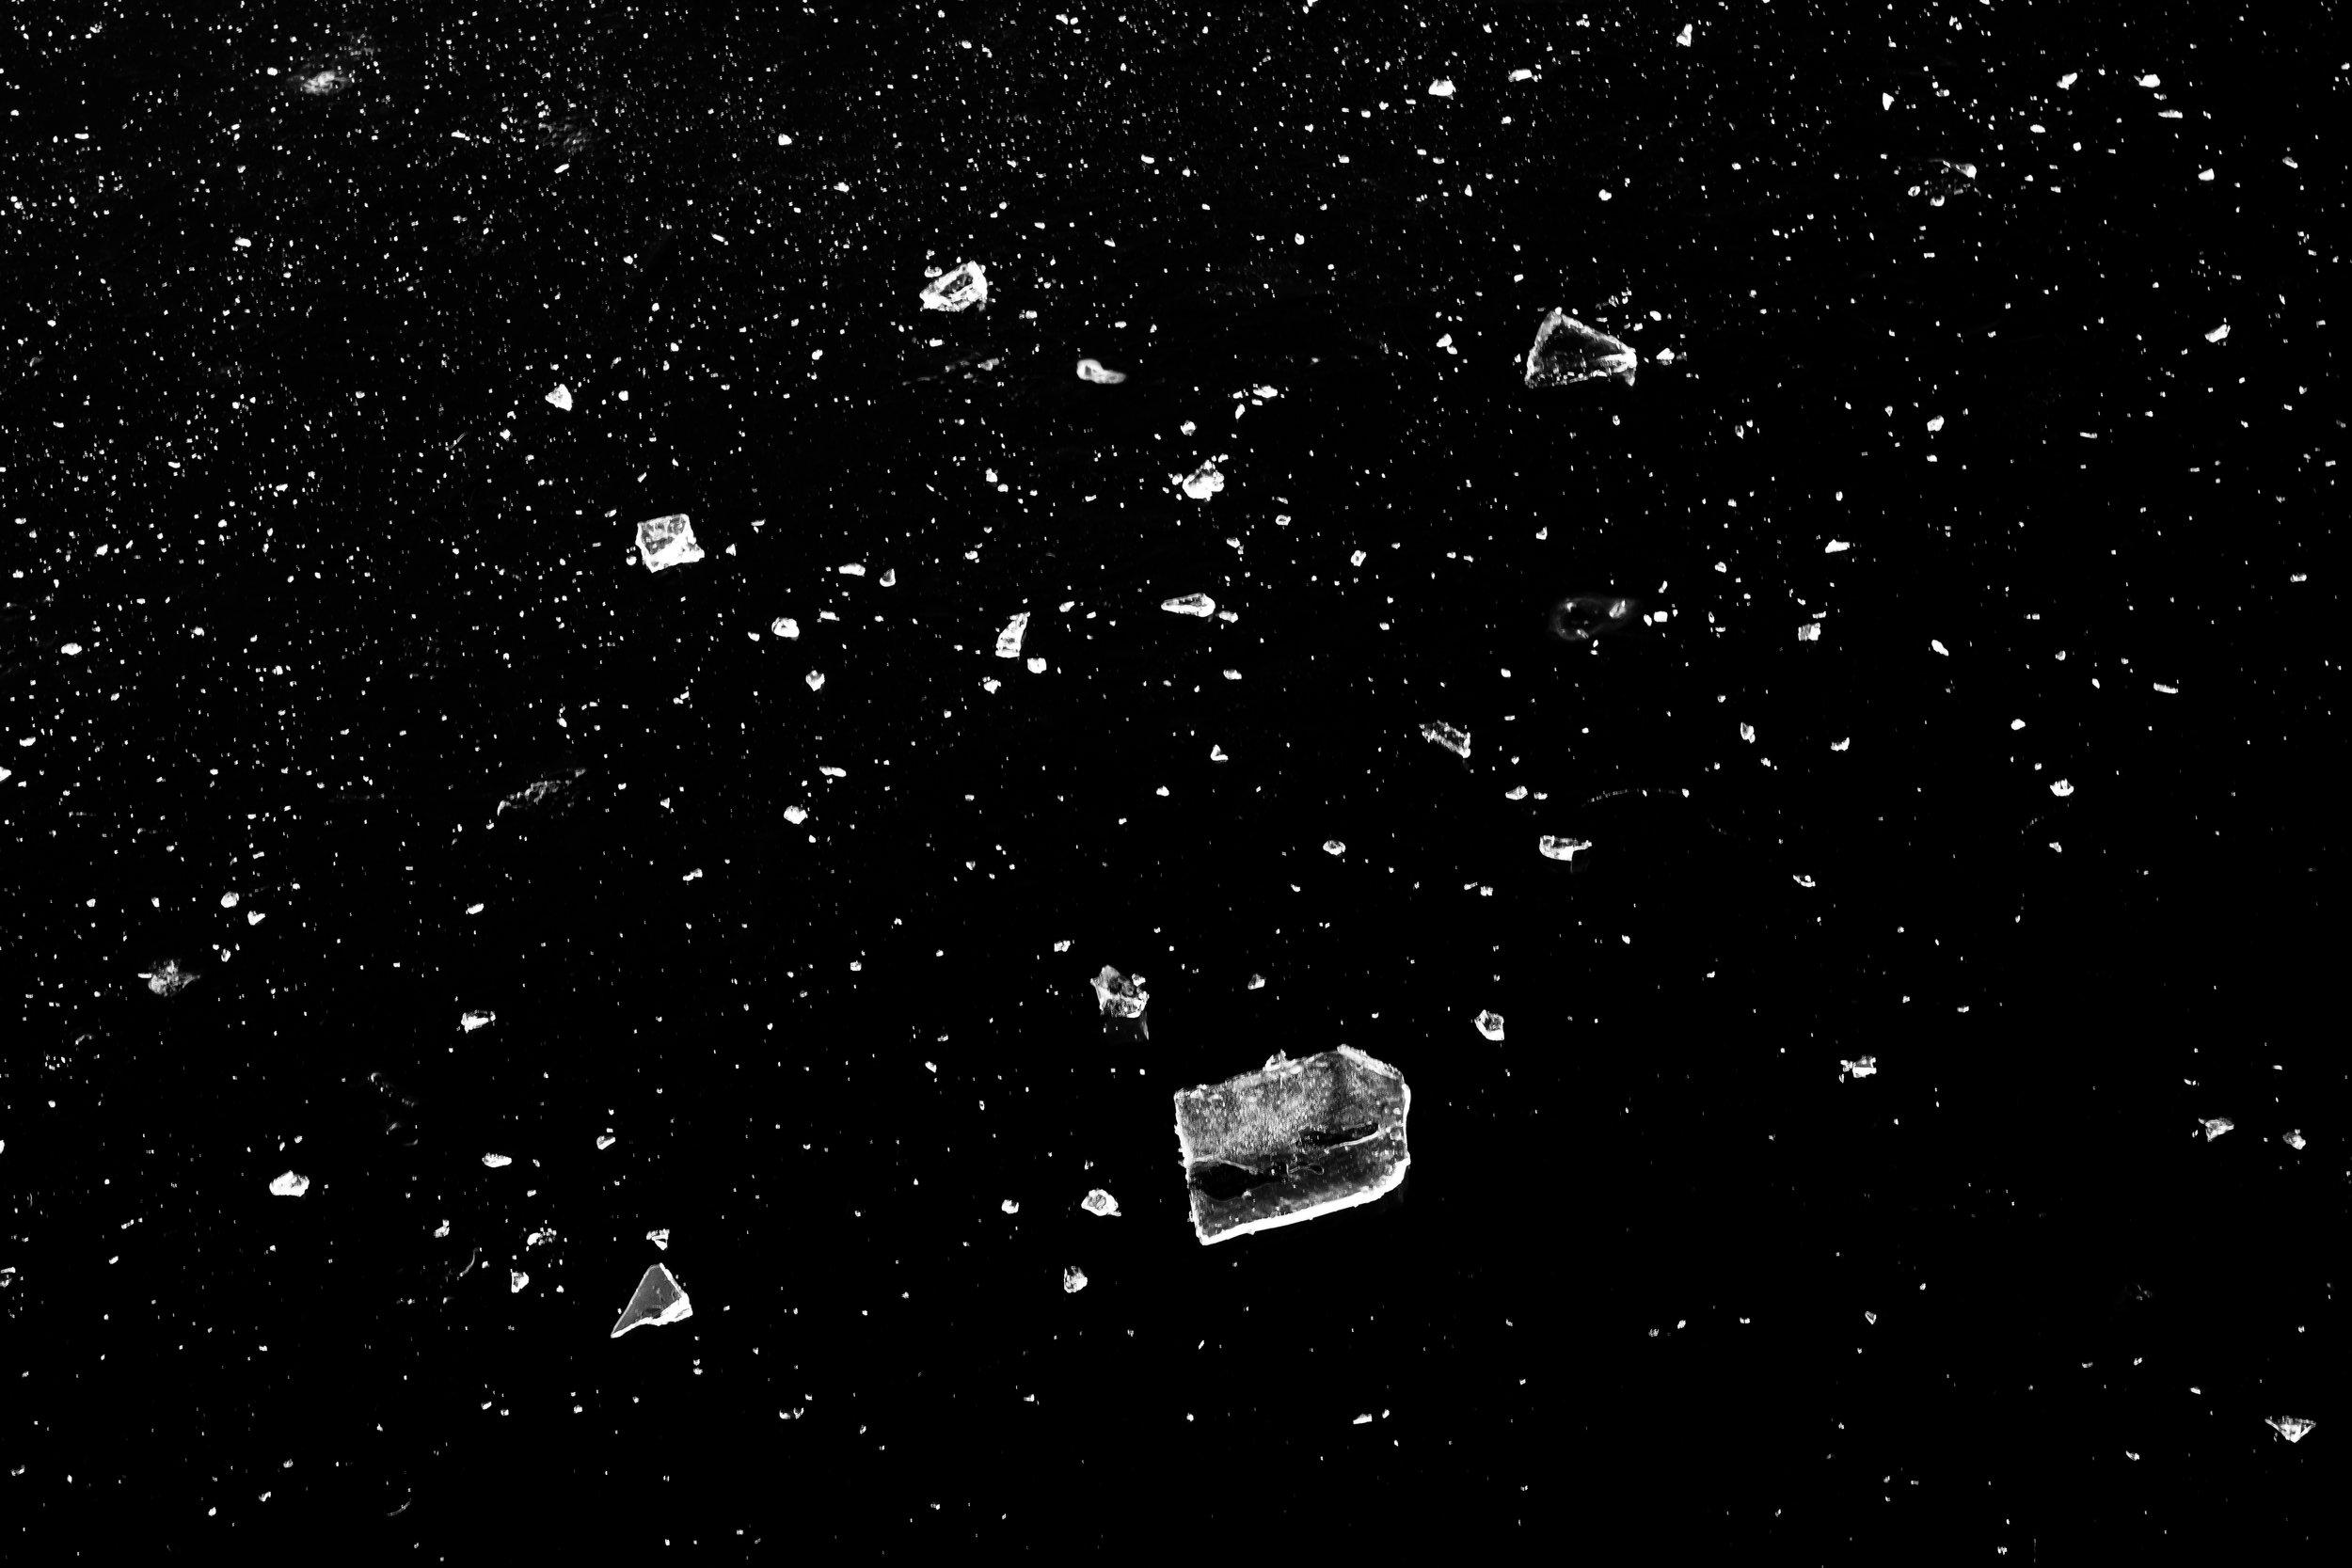 viewfinder-zomaar-zondag-winter-fotografie-de-schorre-natuur-heelal